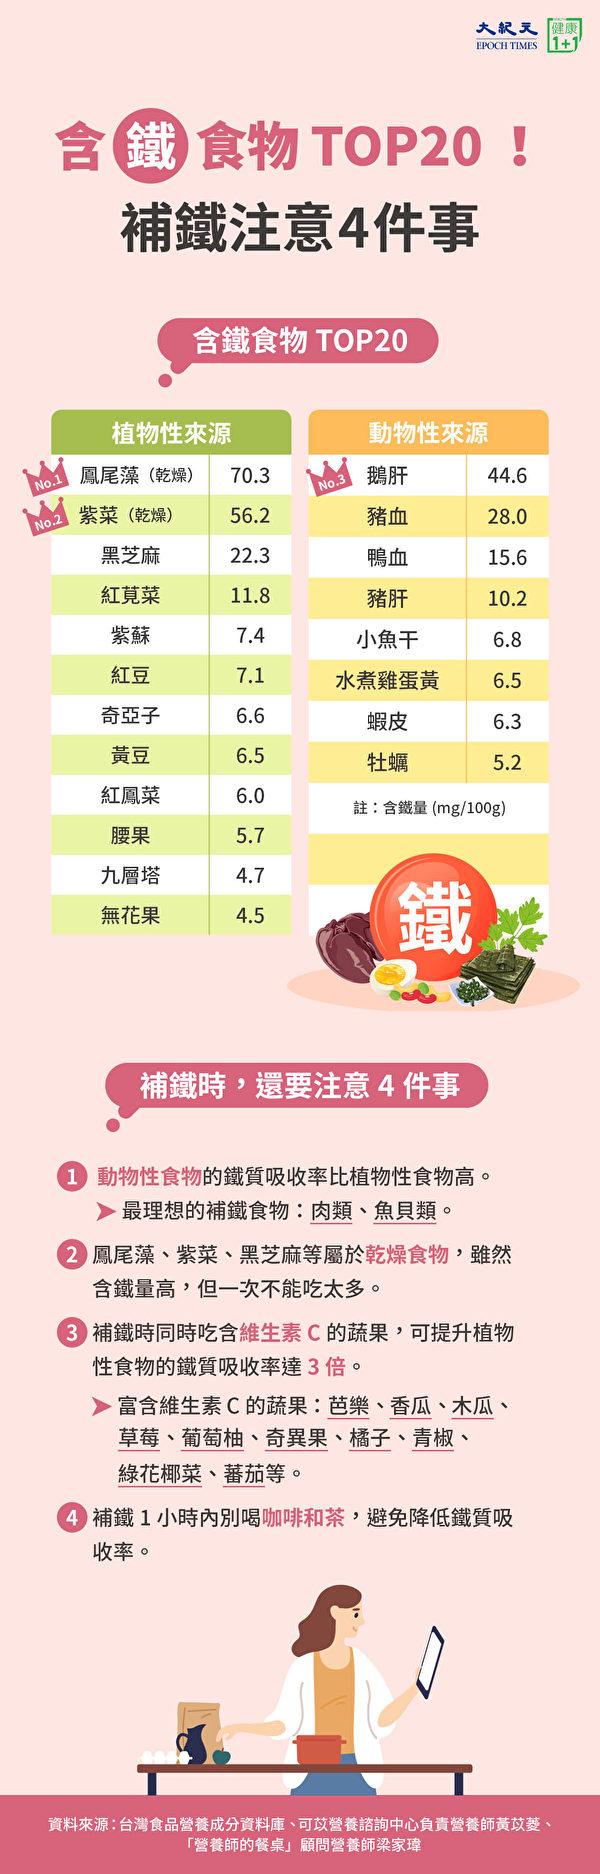 含铁食物TOP20,补铁时要注意4件事。(大纪元制图)